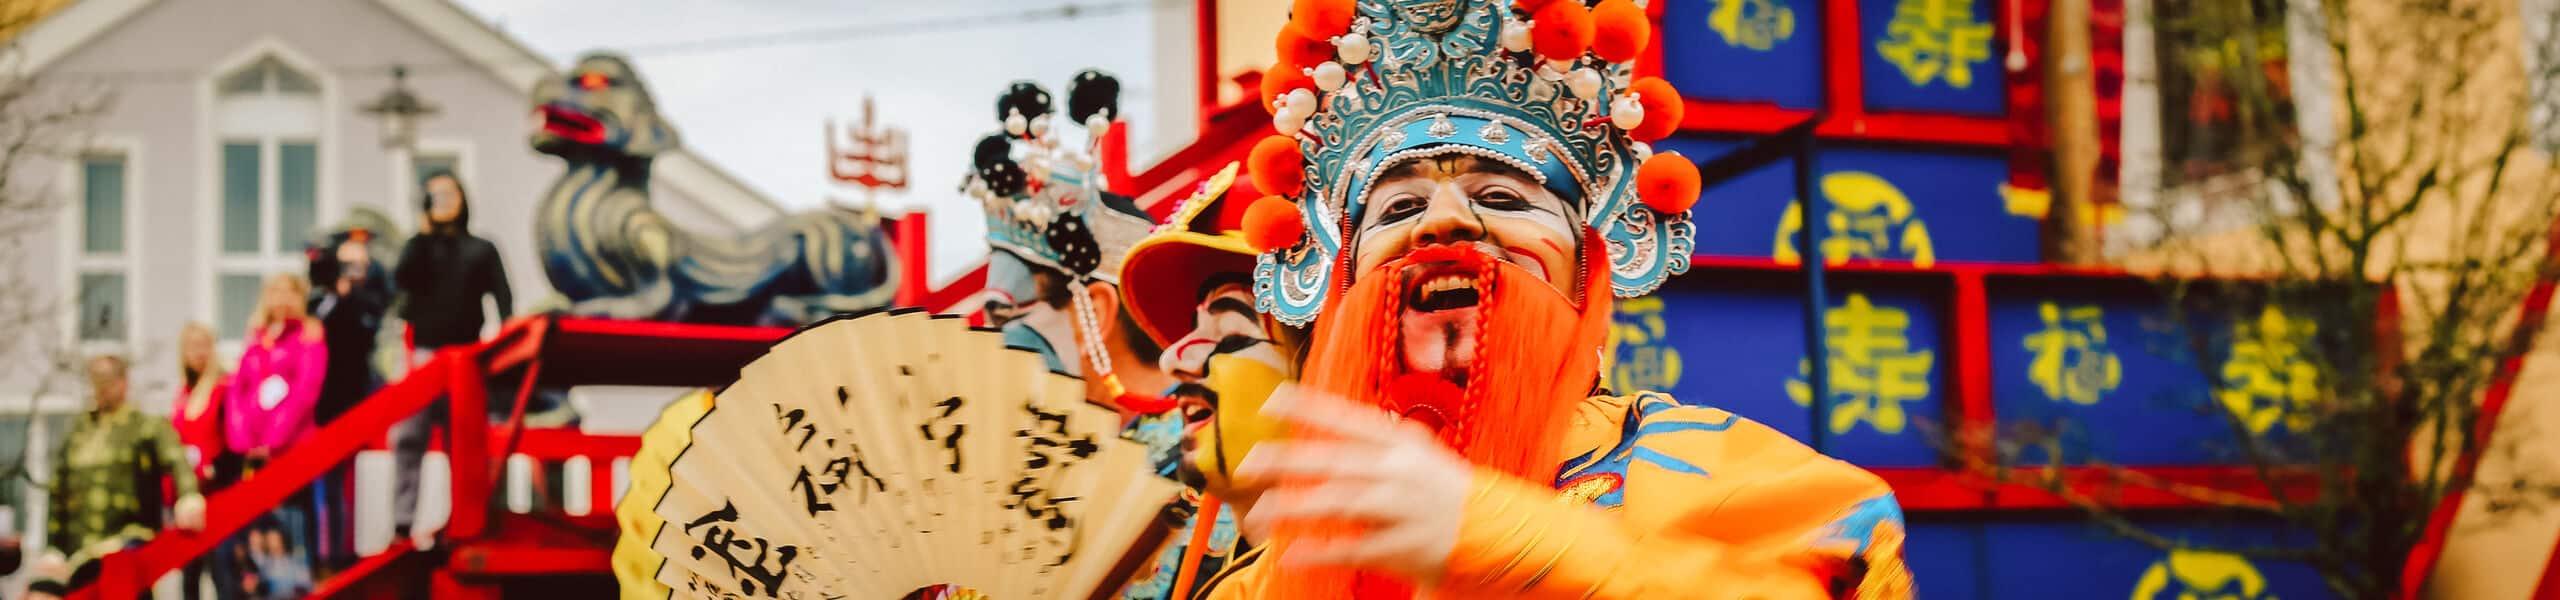 Der Kaiser und sein Volk beim berühmten Chinesenfasching in Dietfurt